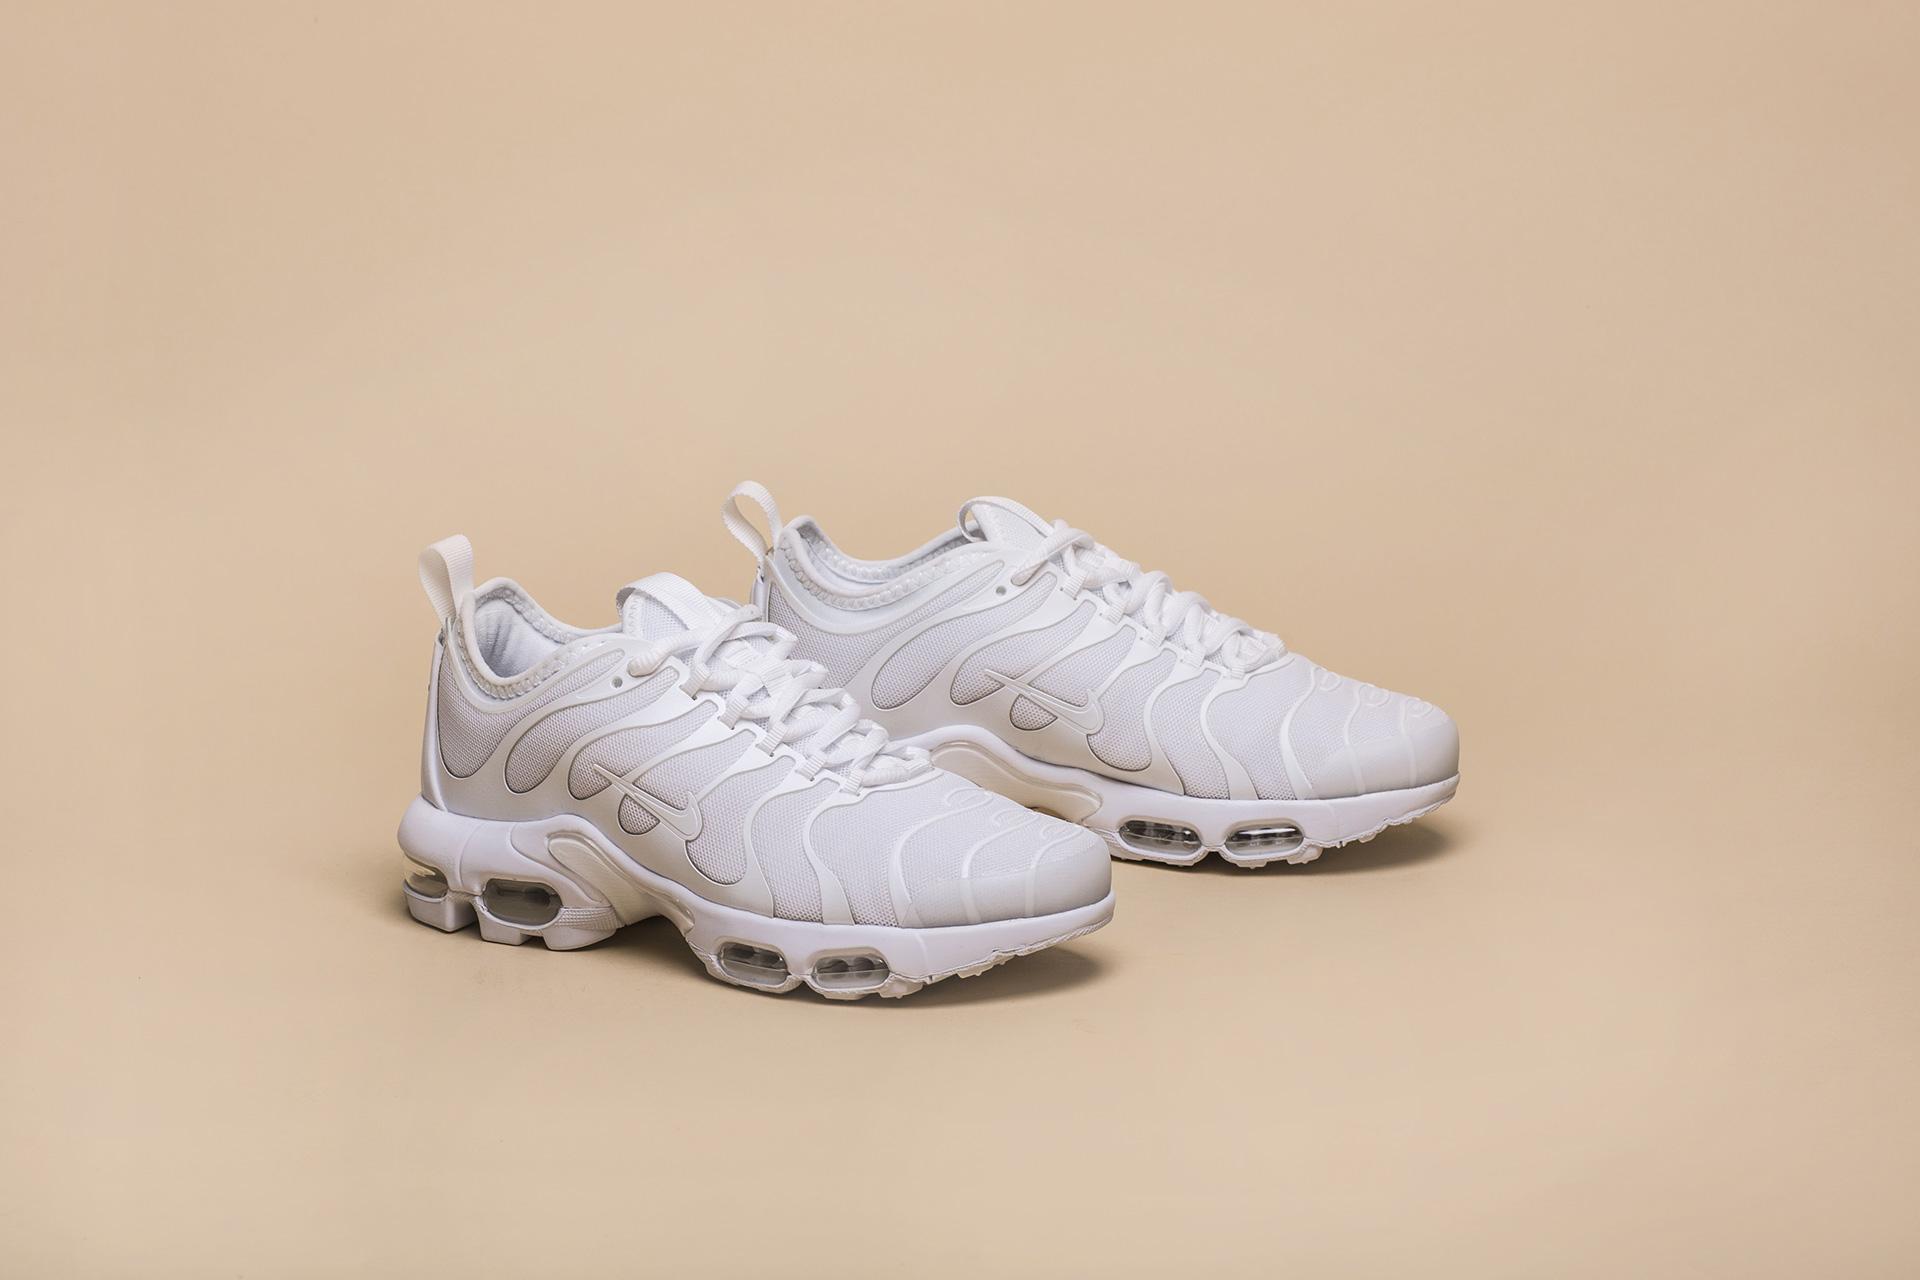 Купить белые женские кроссовки WMNS AIR MAX PLUS TN ULTRA от Nike ... 8695fcaa8243d